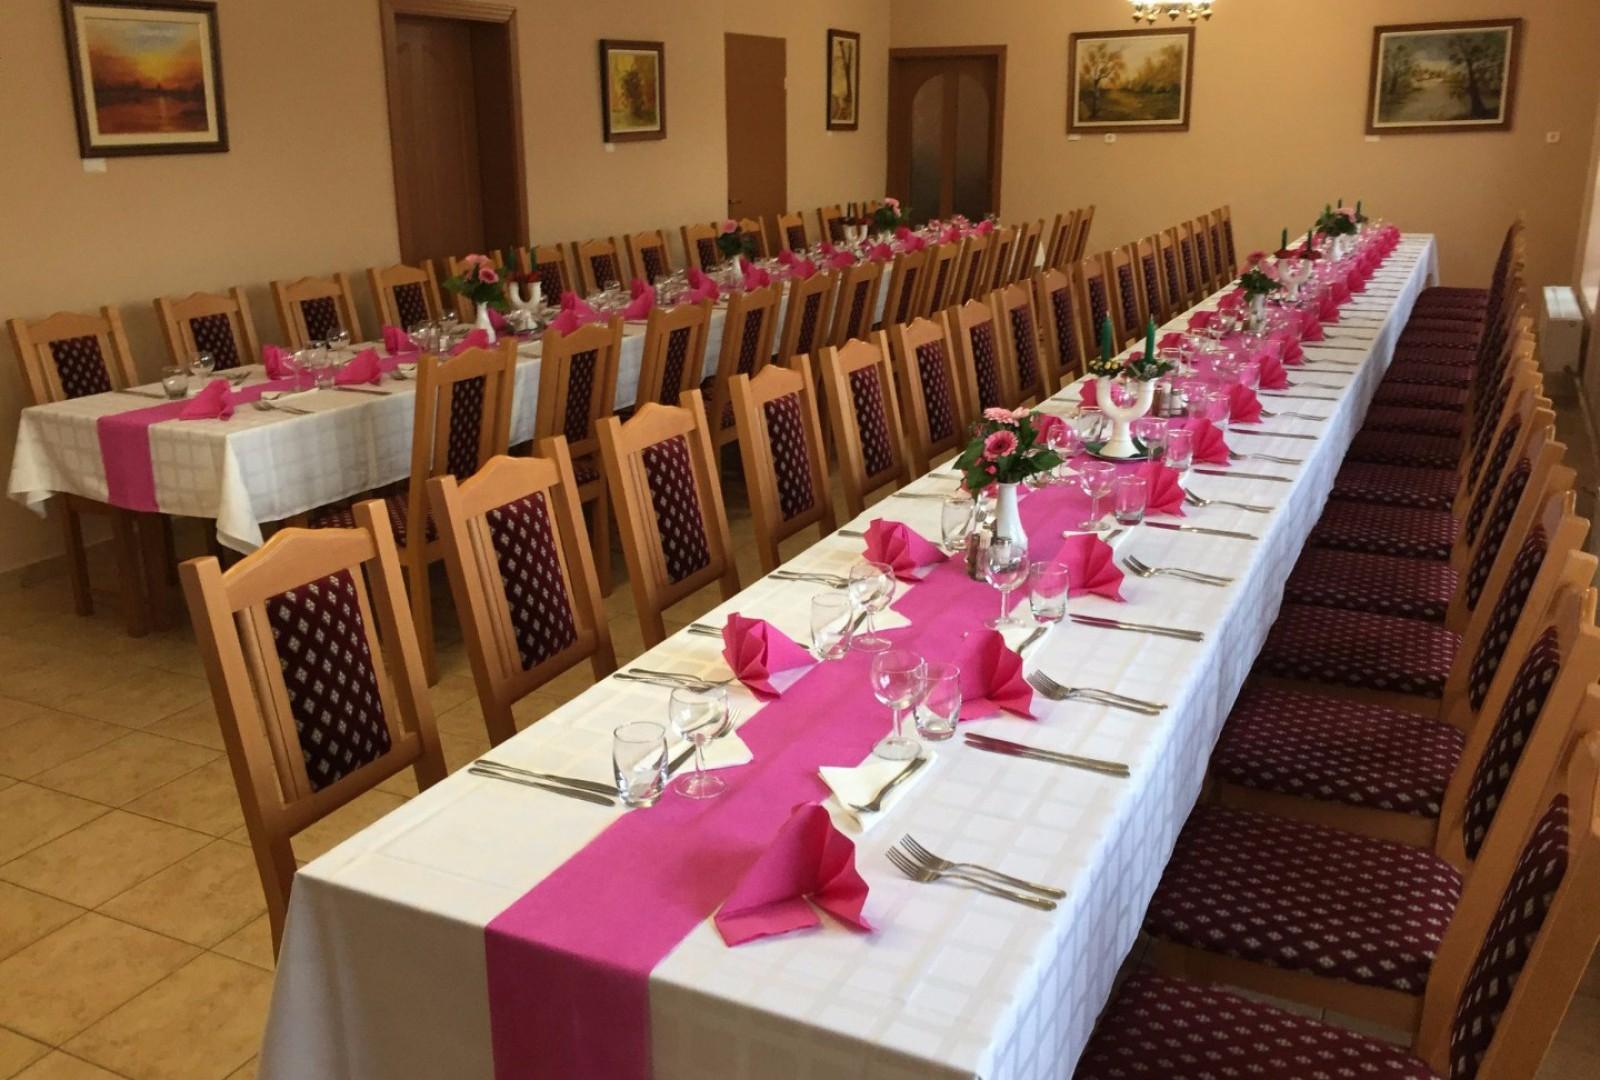 Díszítés, esküvői menü összeállítása, lakodalmak teljes körű rendezése